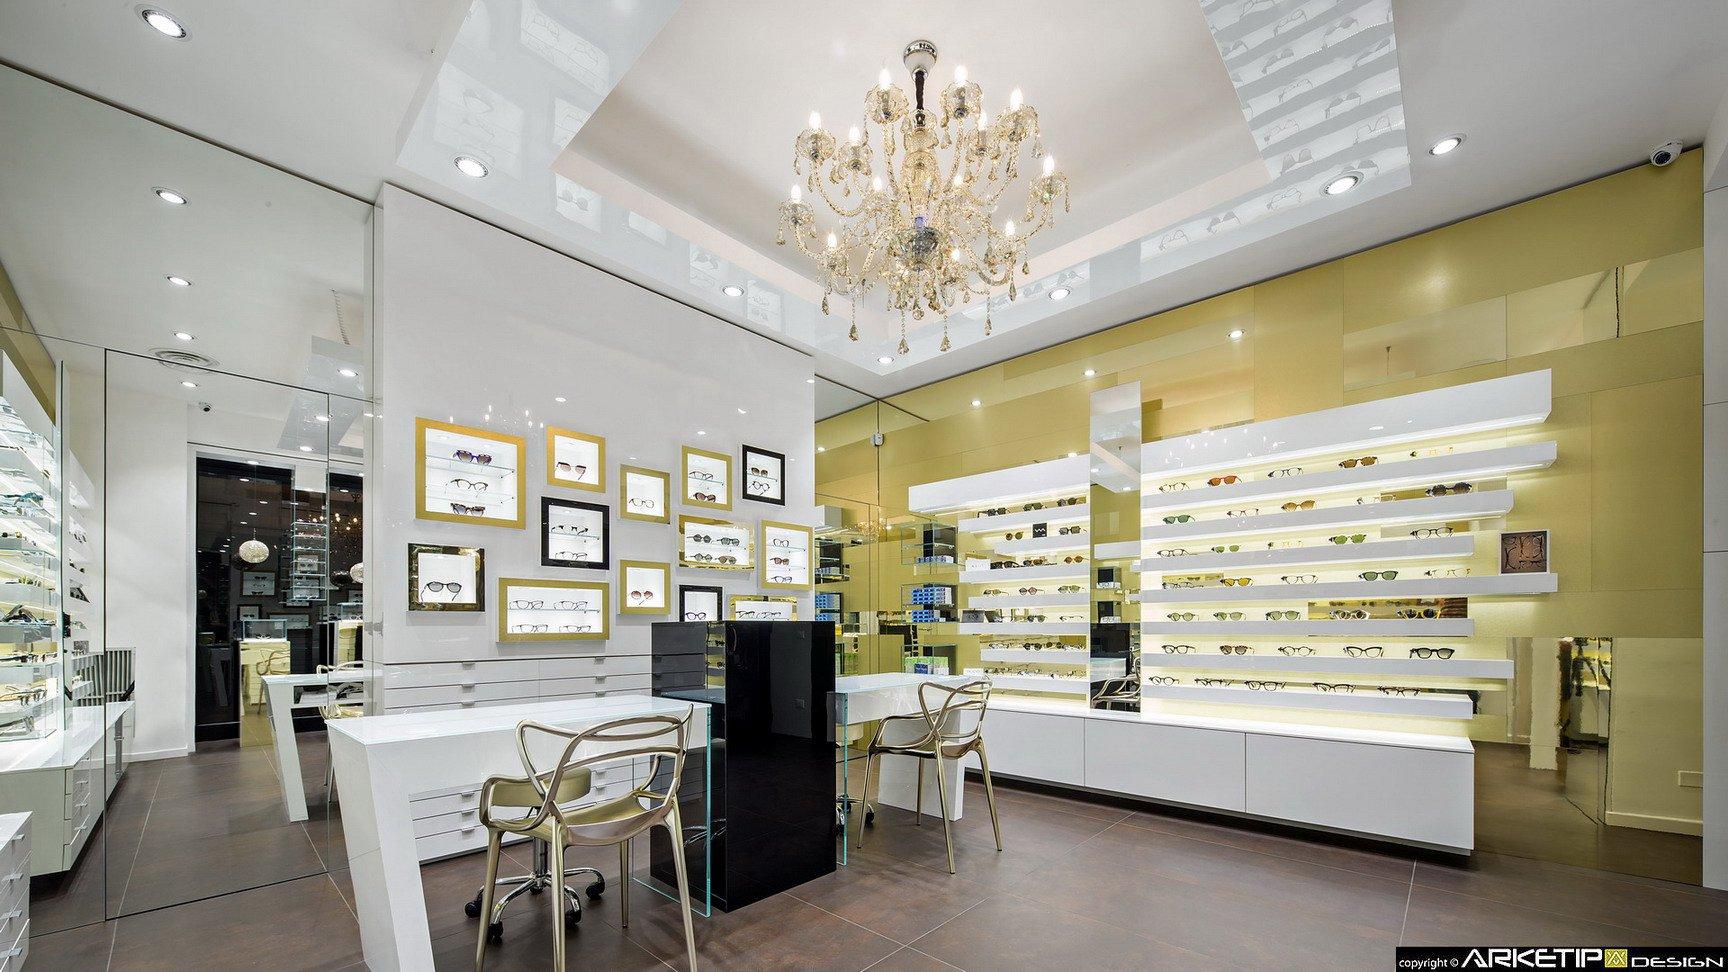 Arredamento ottica locchiale negozio ottica monza for Arredamento negozi